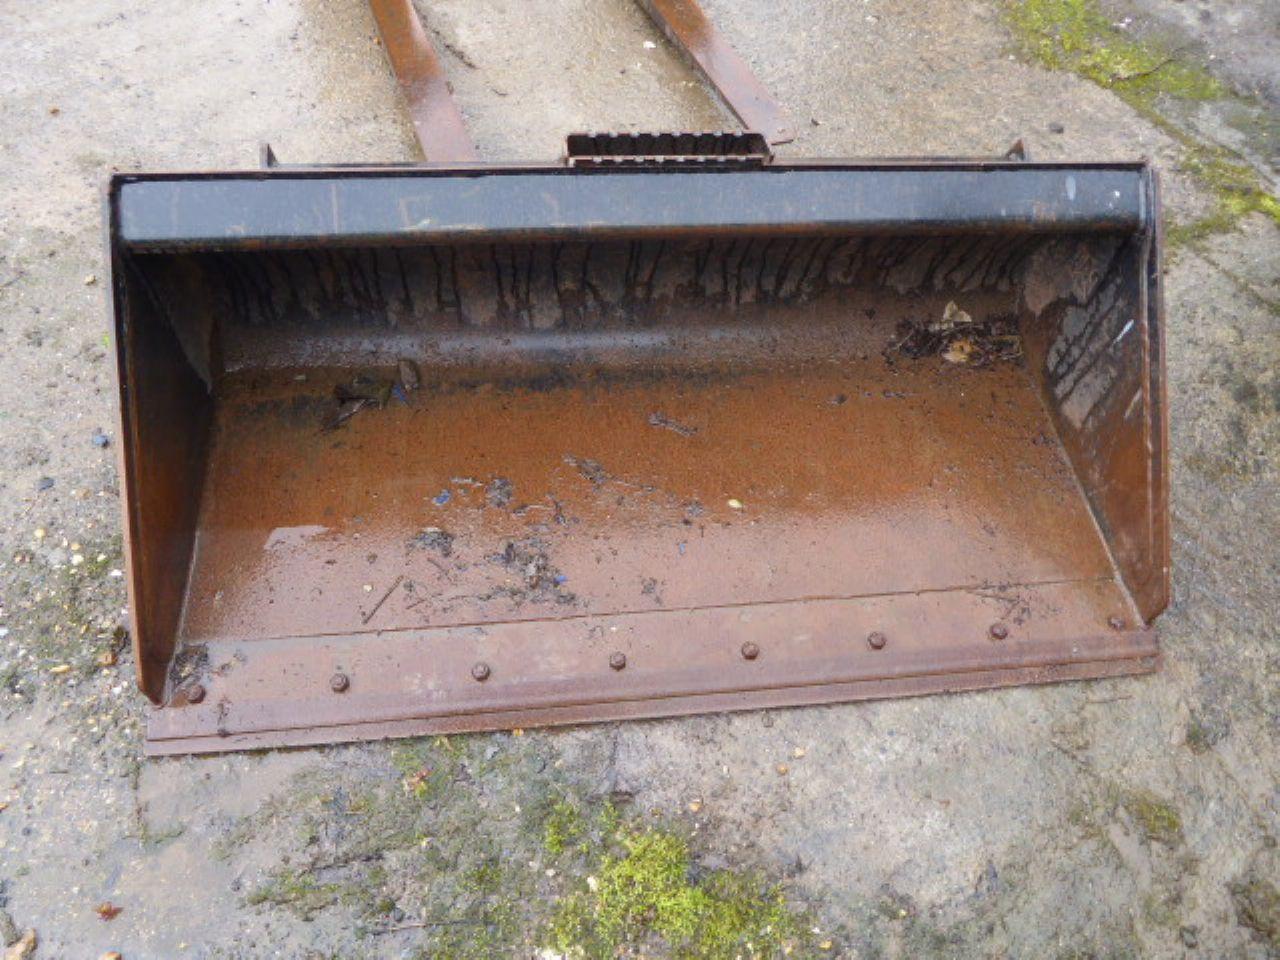 CASE TR320 TRACKED SKIDSTEER LOADER - Picture 15